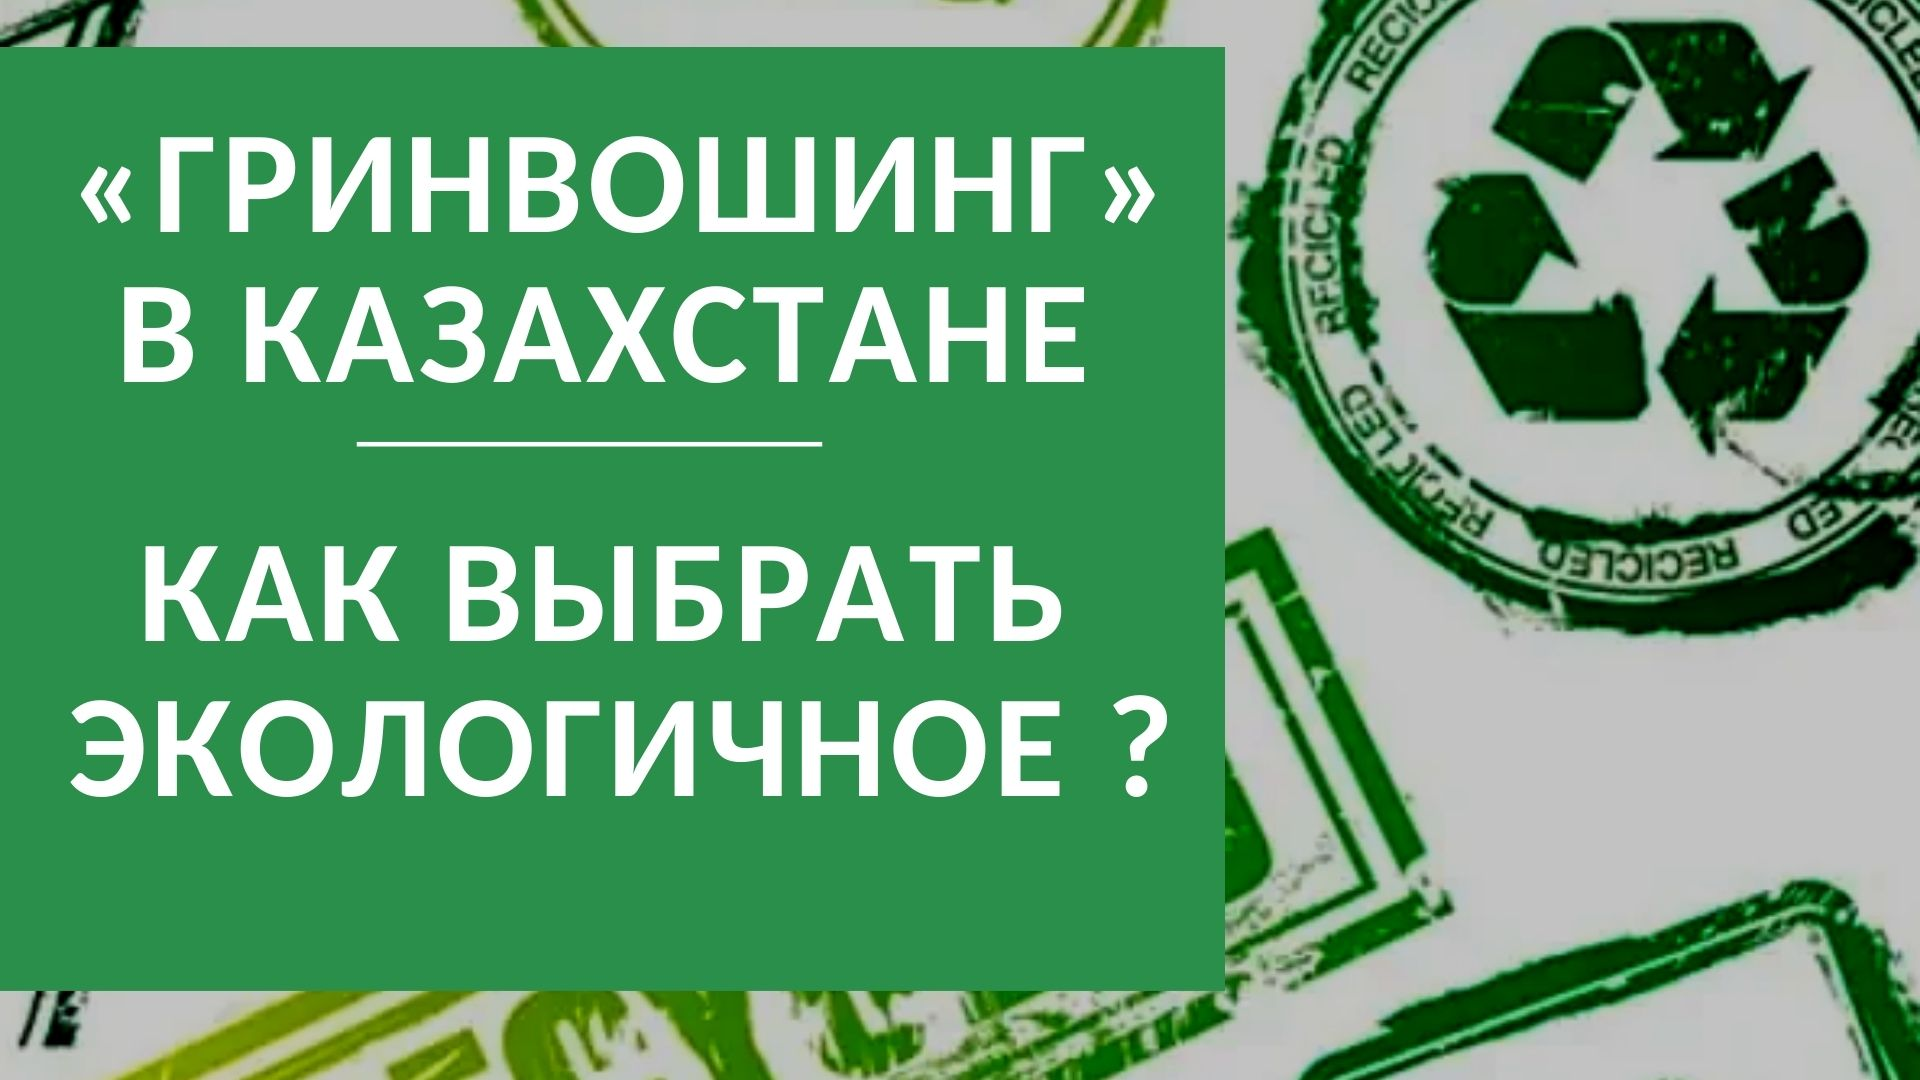 «Гринвошинг» в Казахстане: как выбрать экологичное?